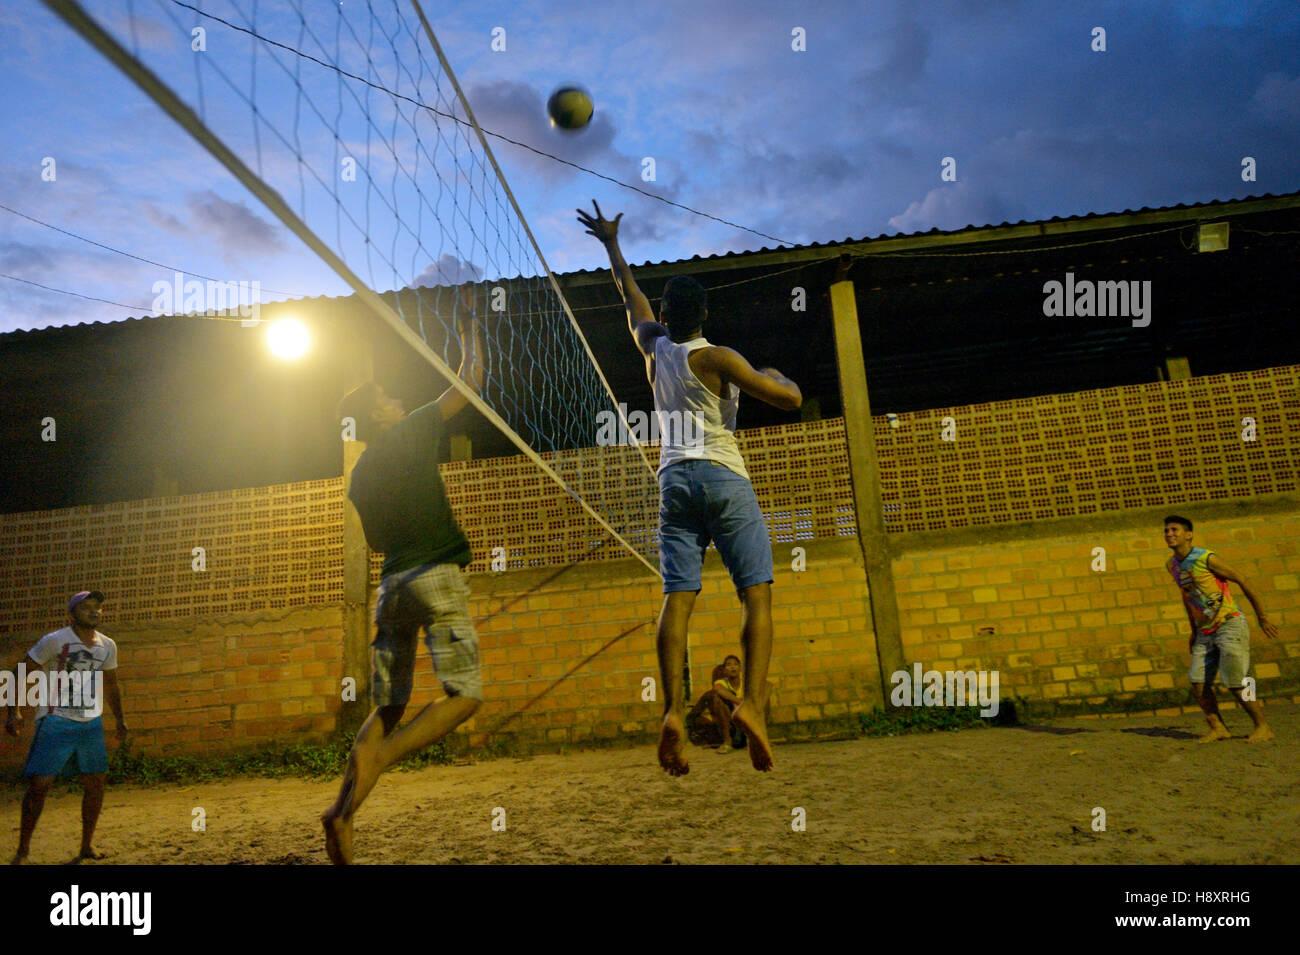 Los jóvenes jugando voleibol, tarde, Trinta, distrito de Itaituba, Pará, Brasil Imagen De Stock